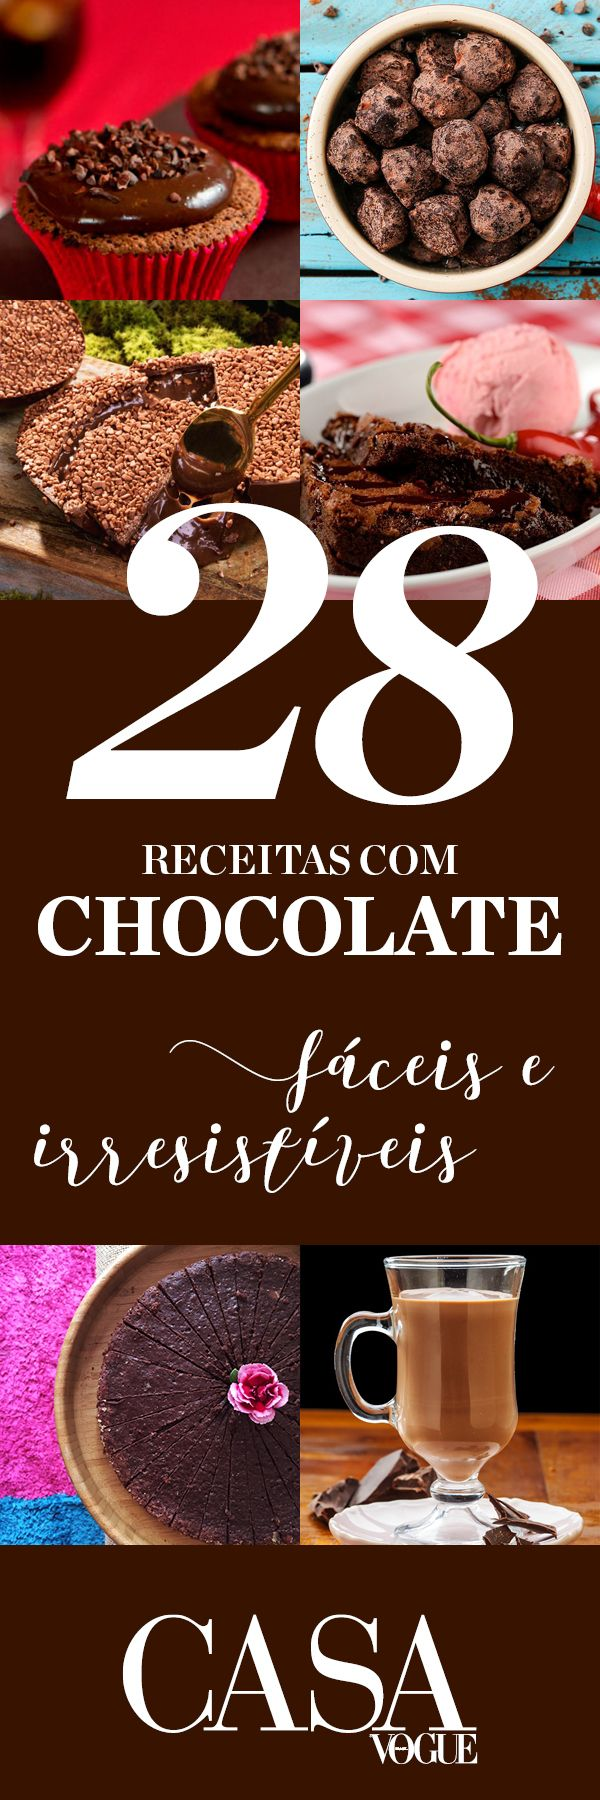 Receitas de sobremesas incríveis com chocolate